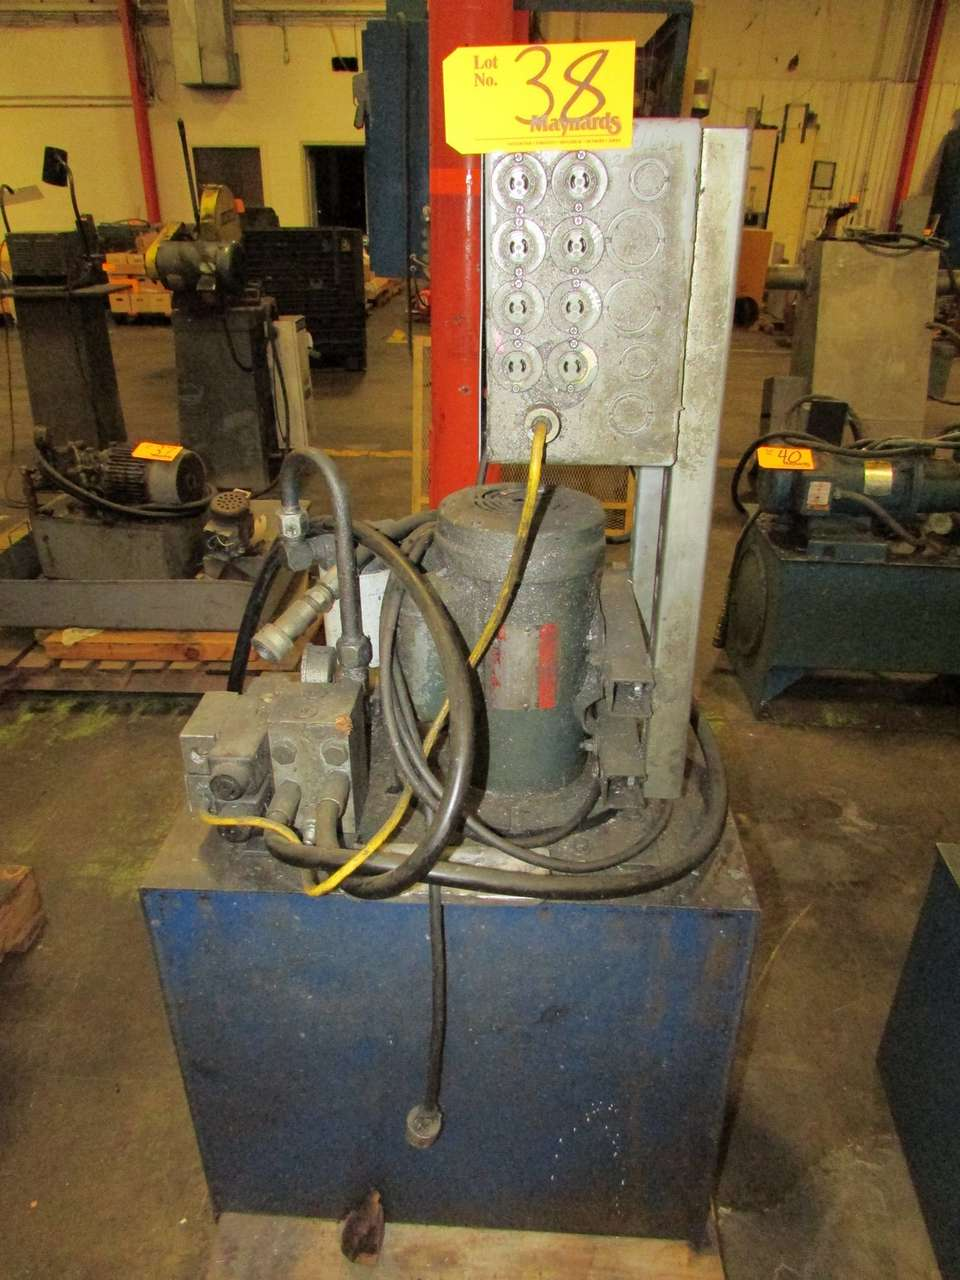 Lot 38 - Monarch Hydraulics T-23-30-0-18-04-0-050500 2HP Hydraulic Power Unit